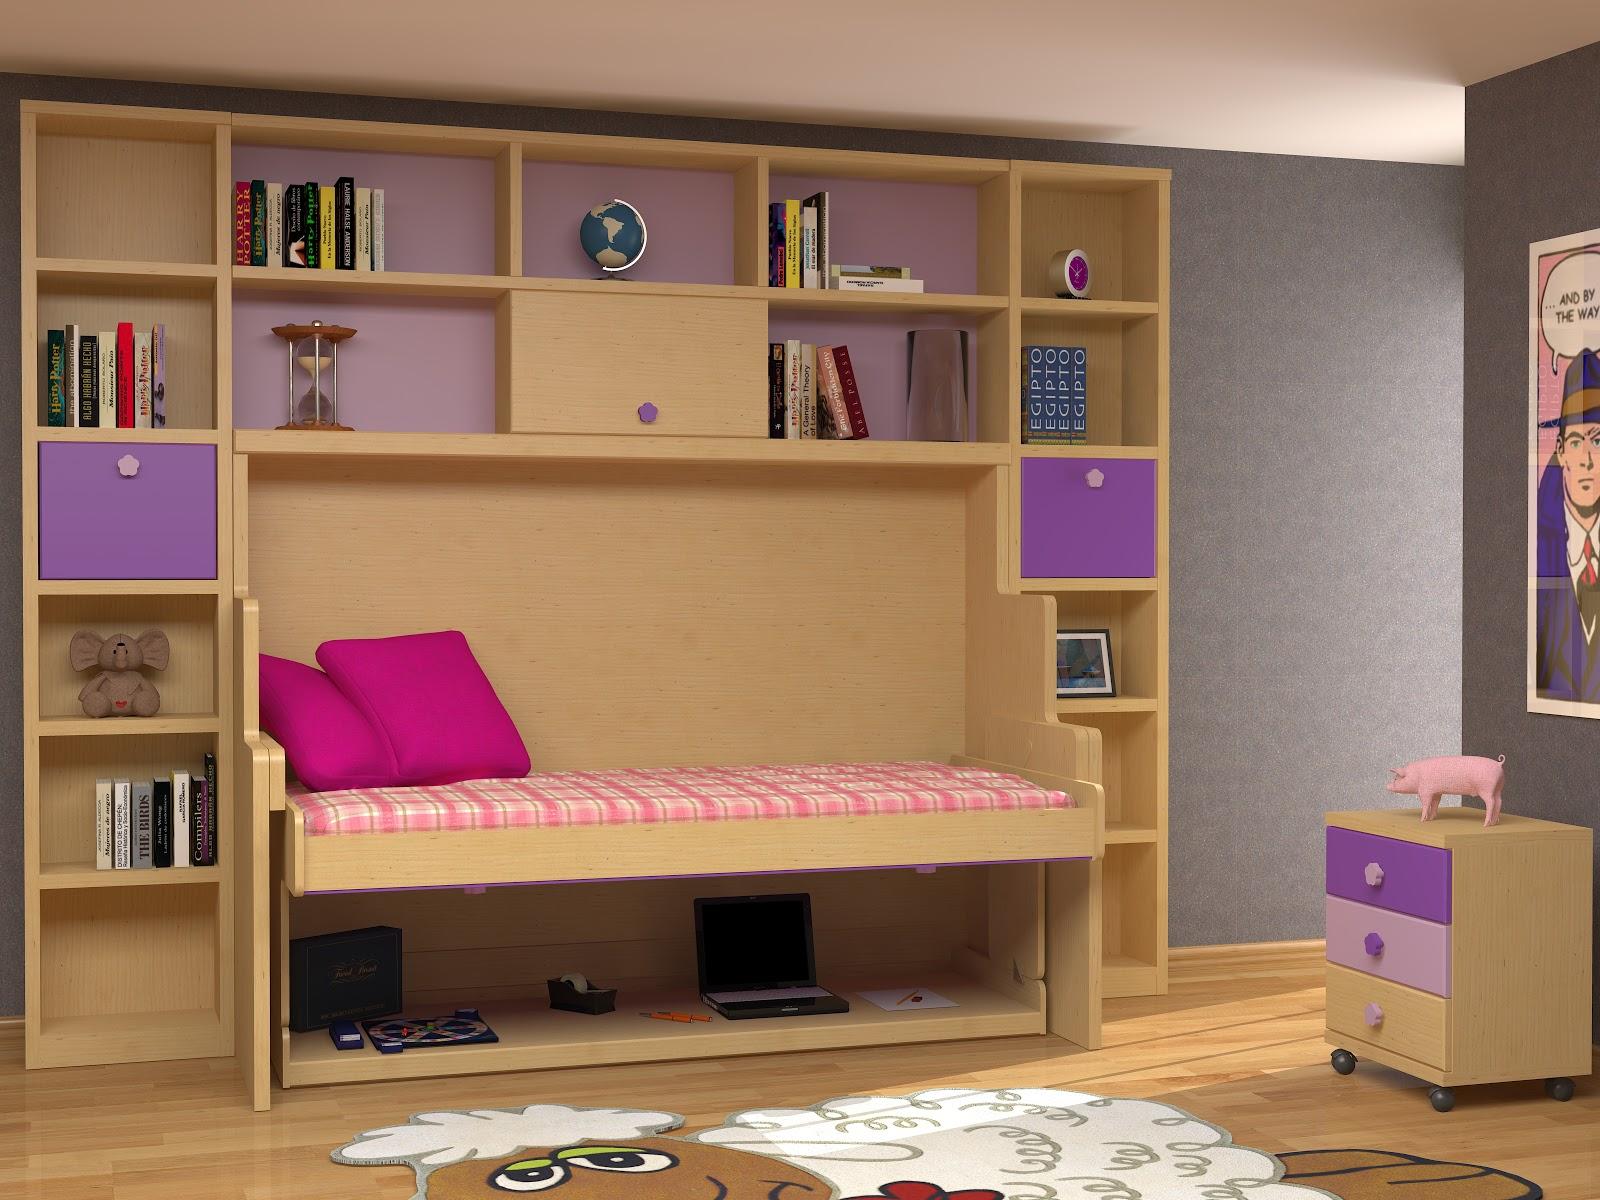 Muebles juveniles dormitorios infantiles y habitaciones for Literas juveniles economicas